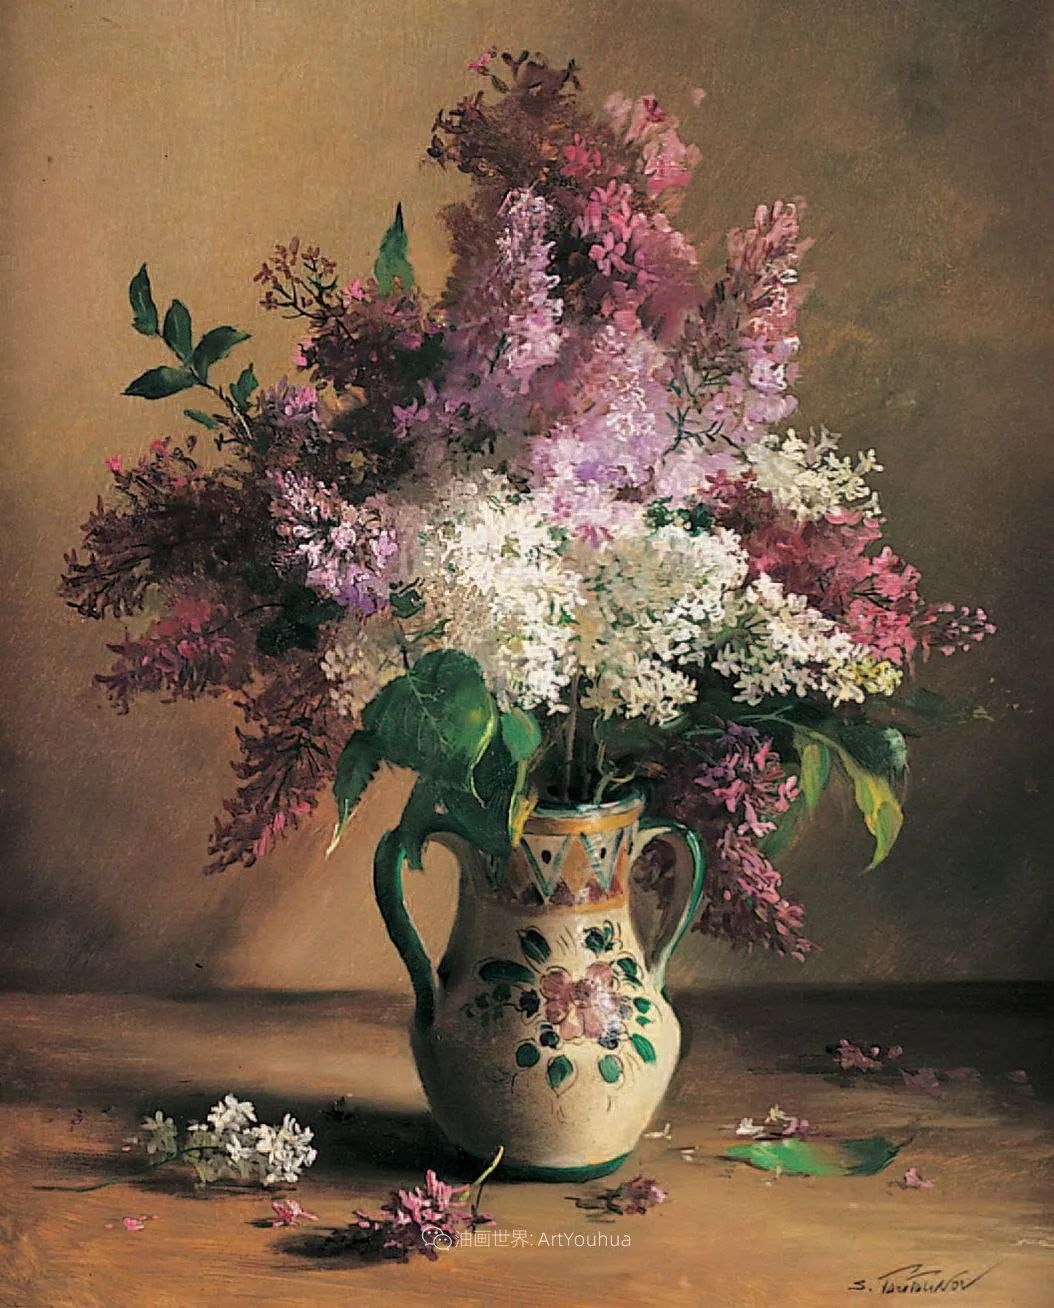 花香袭人,绚丽多彩!俄罗斯画家谢尔盖·图图诺夫插图27